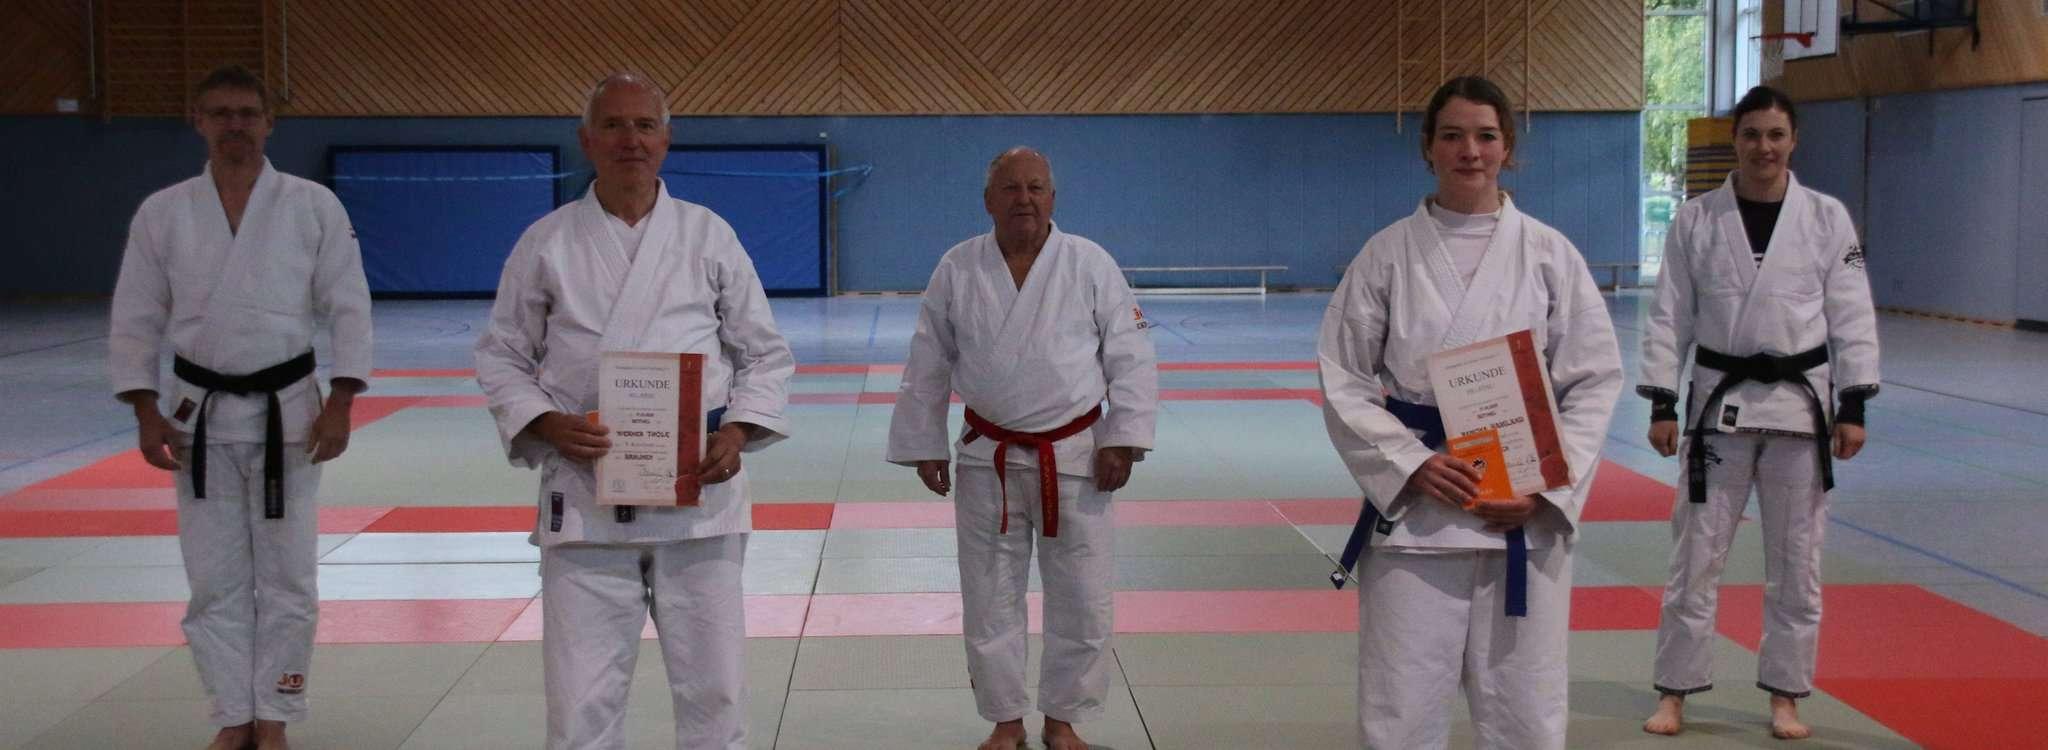 Die Botheler Ju-Jutsuka freuten sich über den Lehrgang mit Peter Schneider u2013 sowie Ramona Samland und Werner Thole über ihre erfolgreichen Prüfungen.